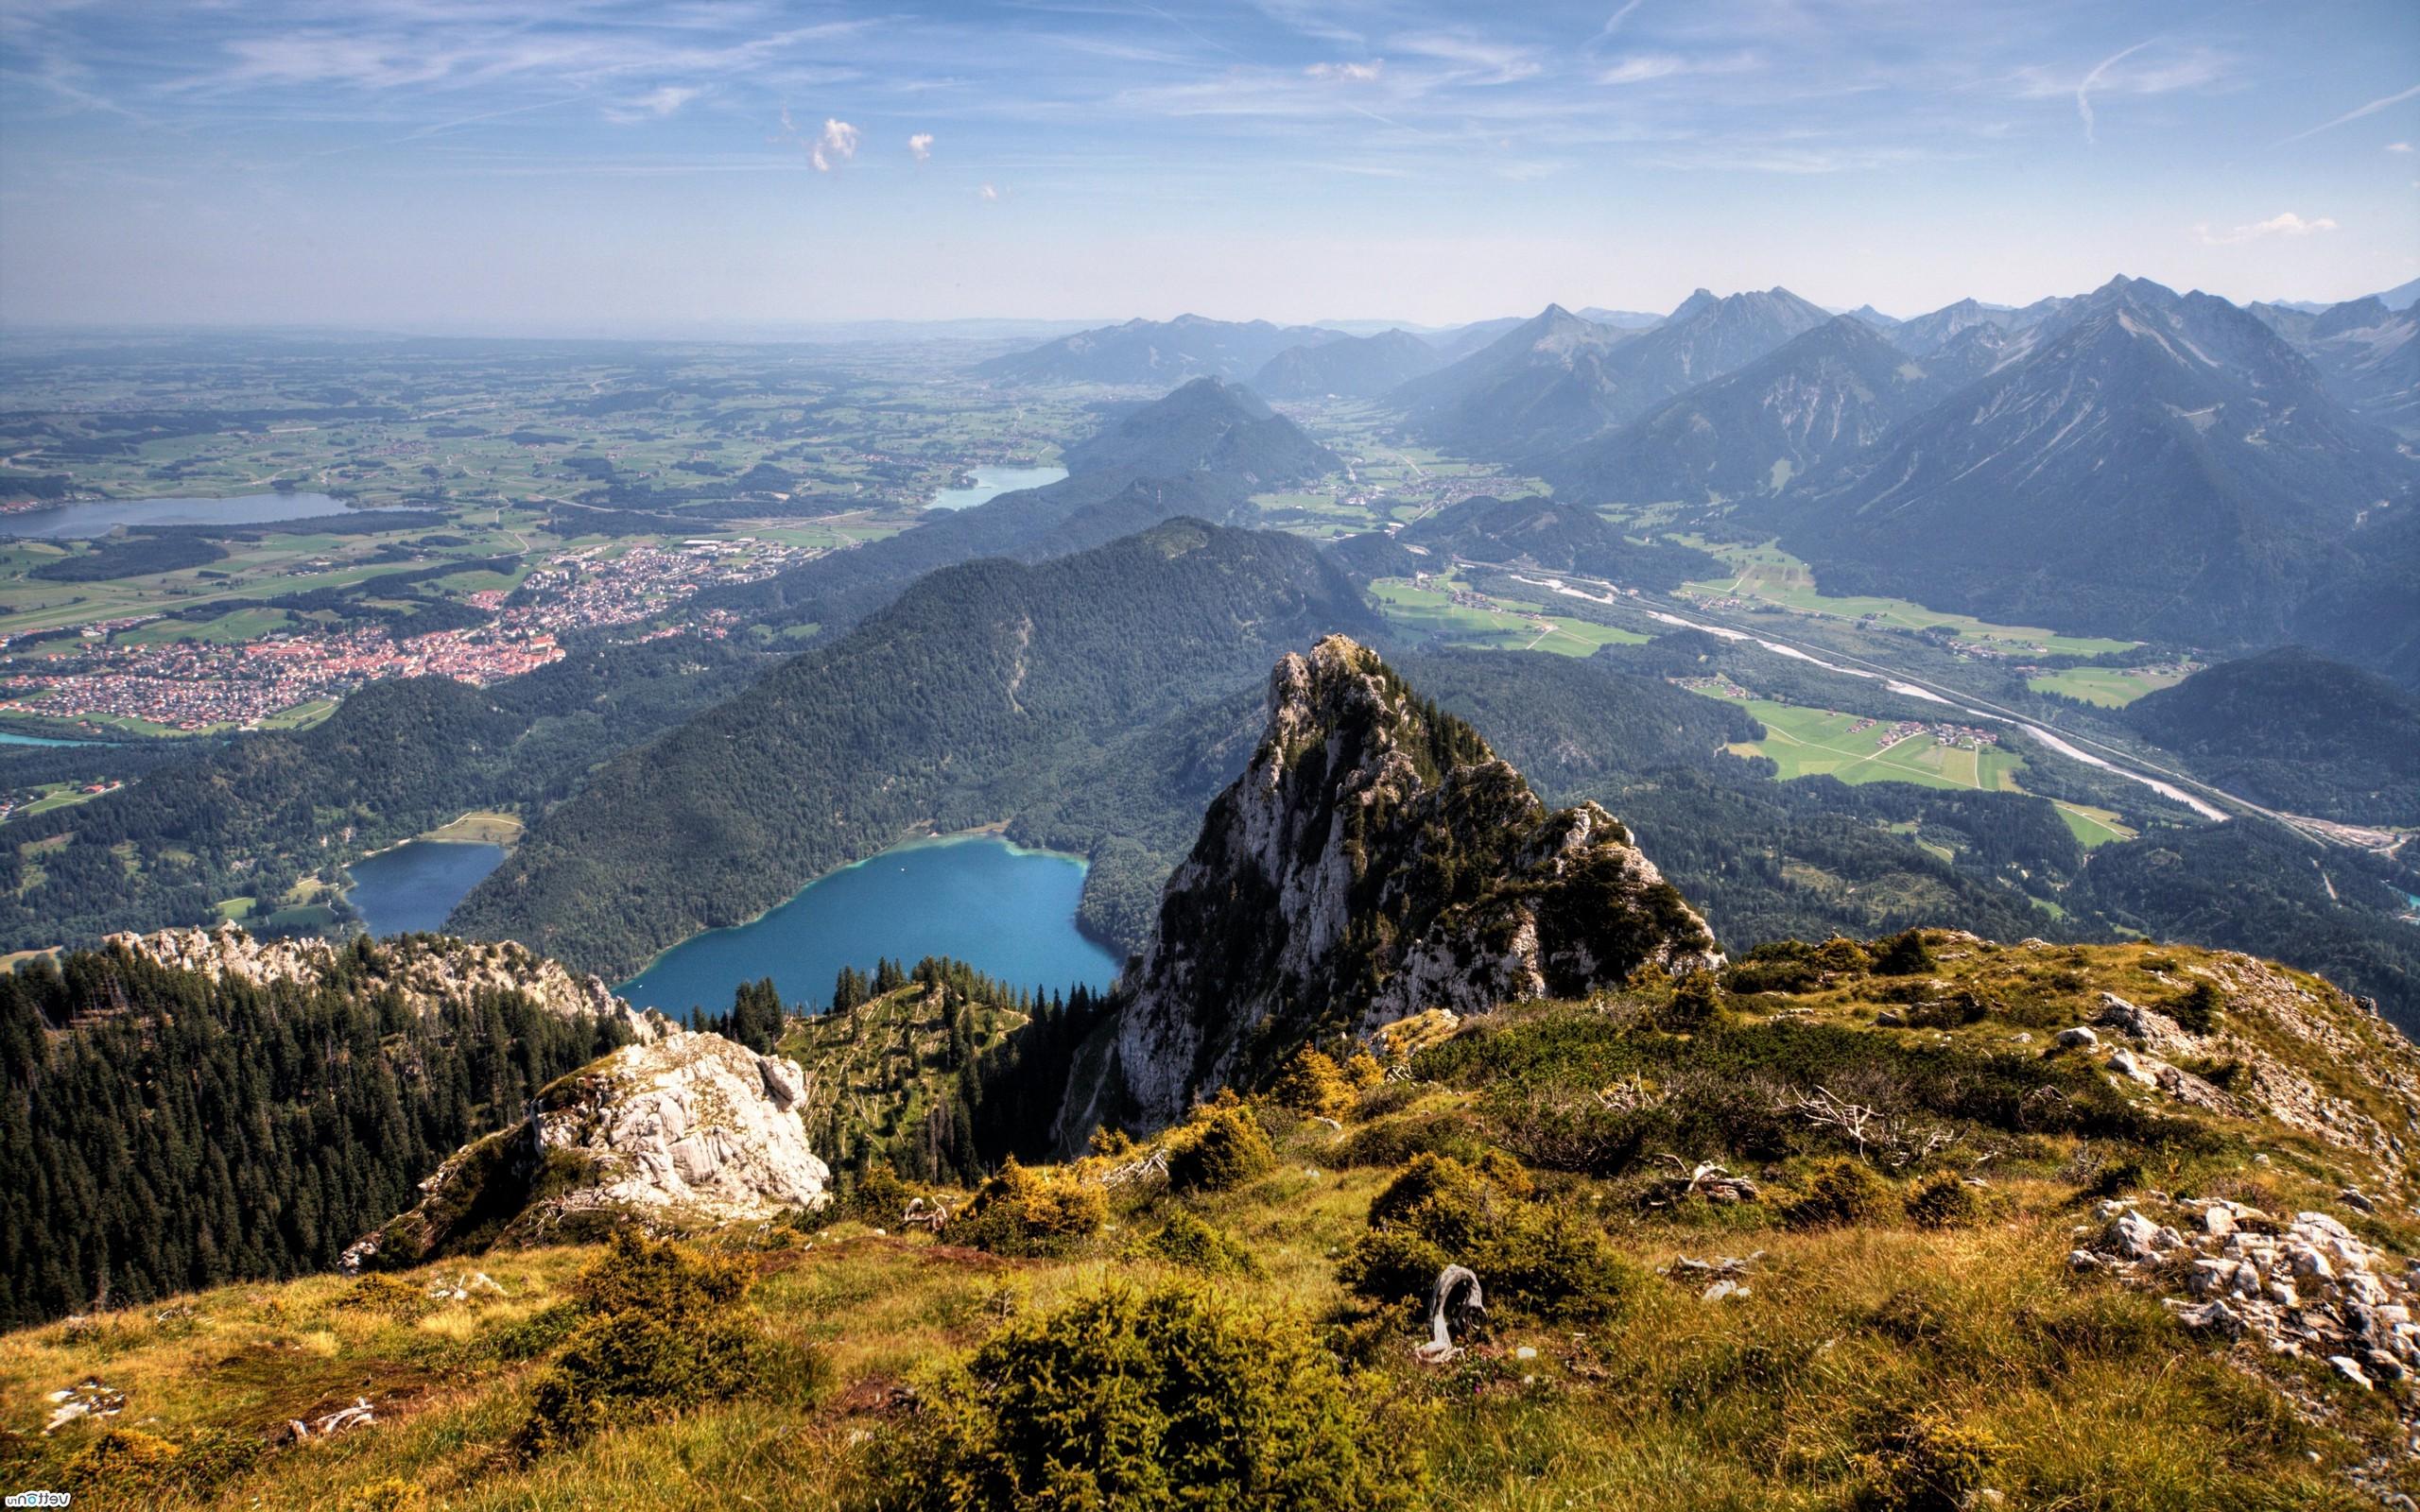 фото красивых пейзажей сверху шагом нам нужно